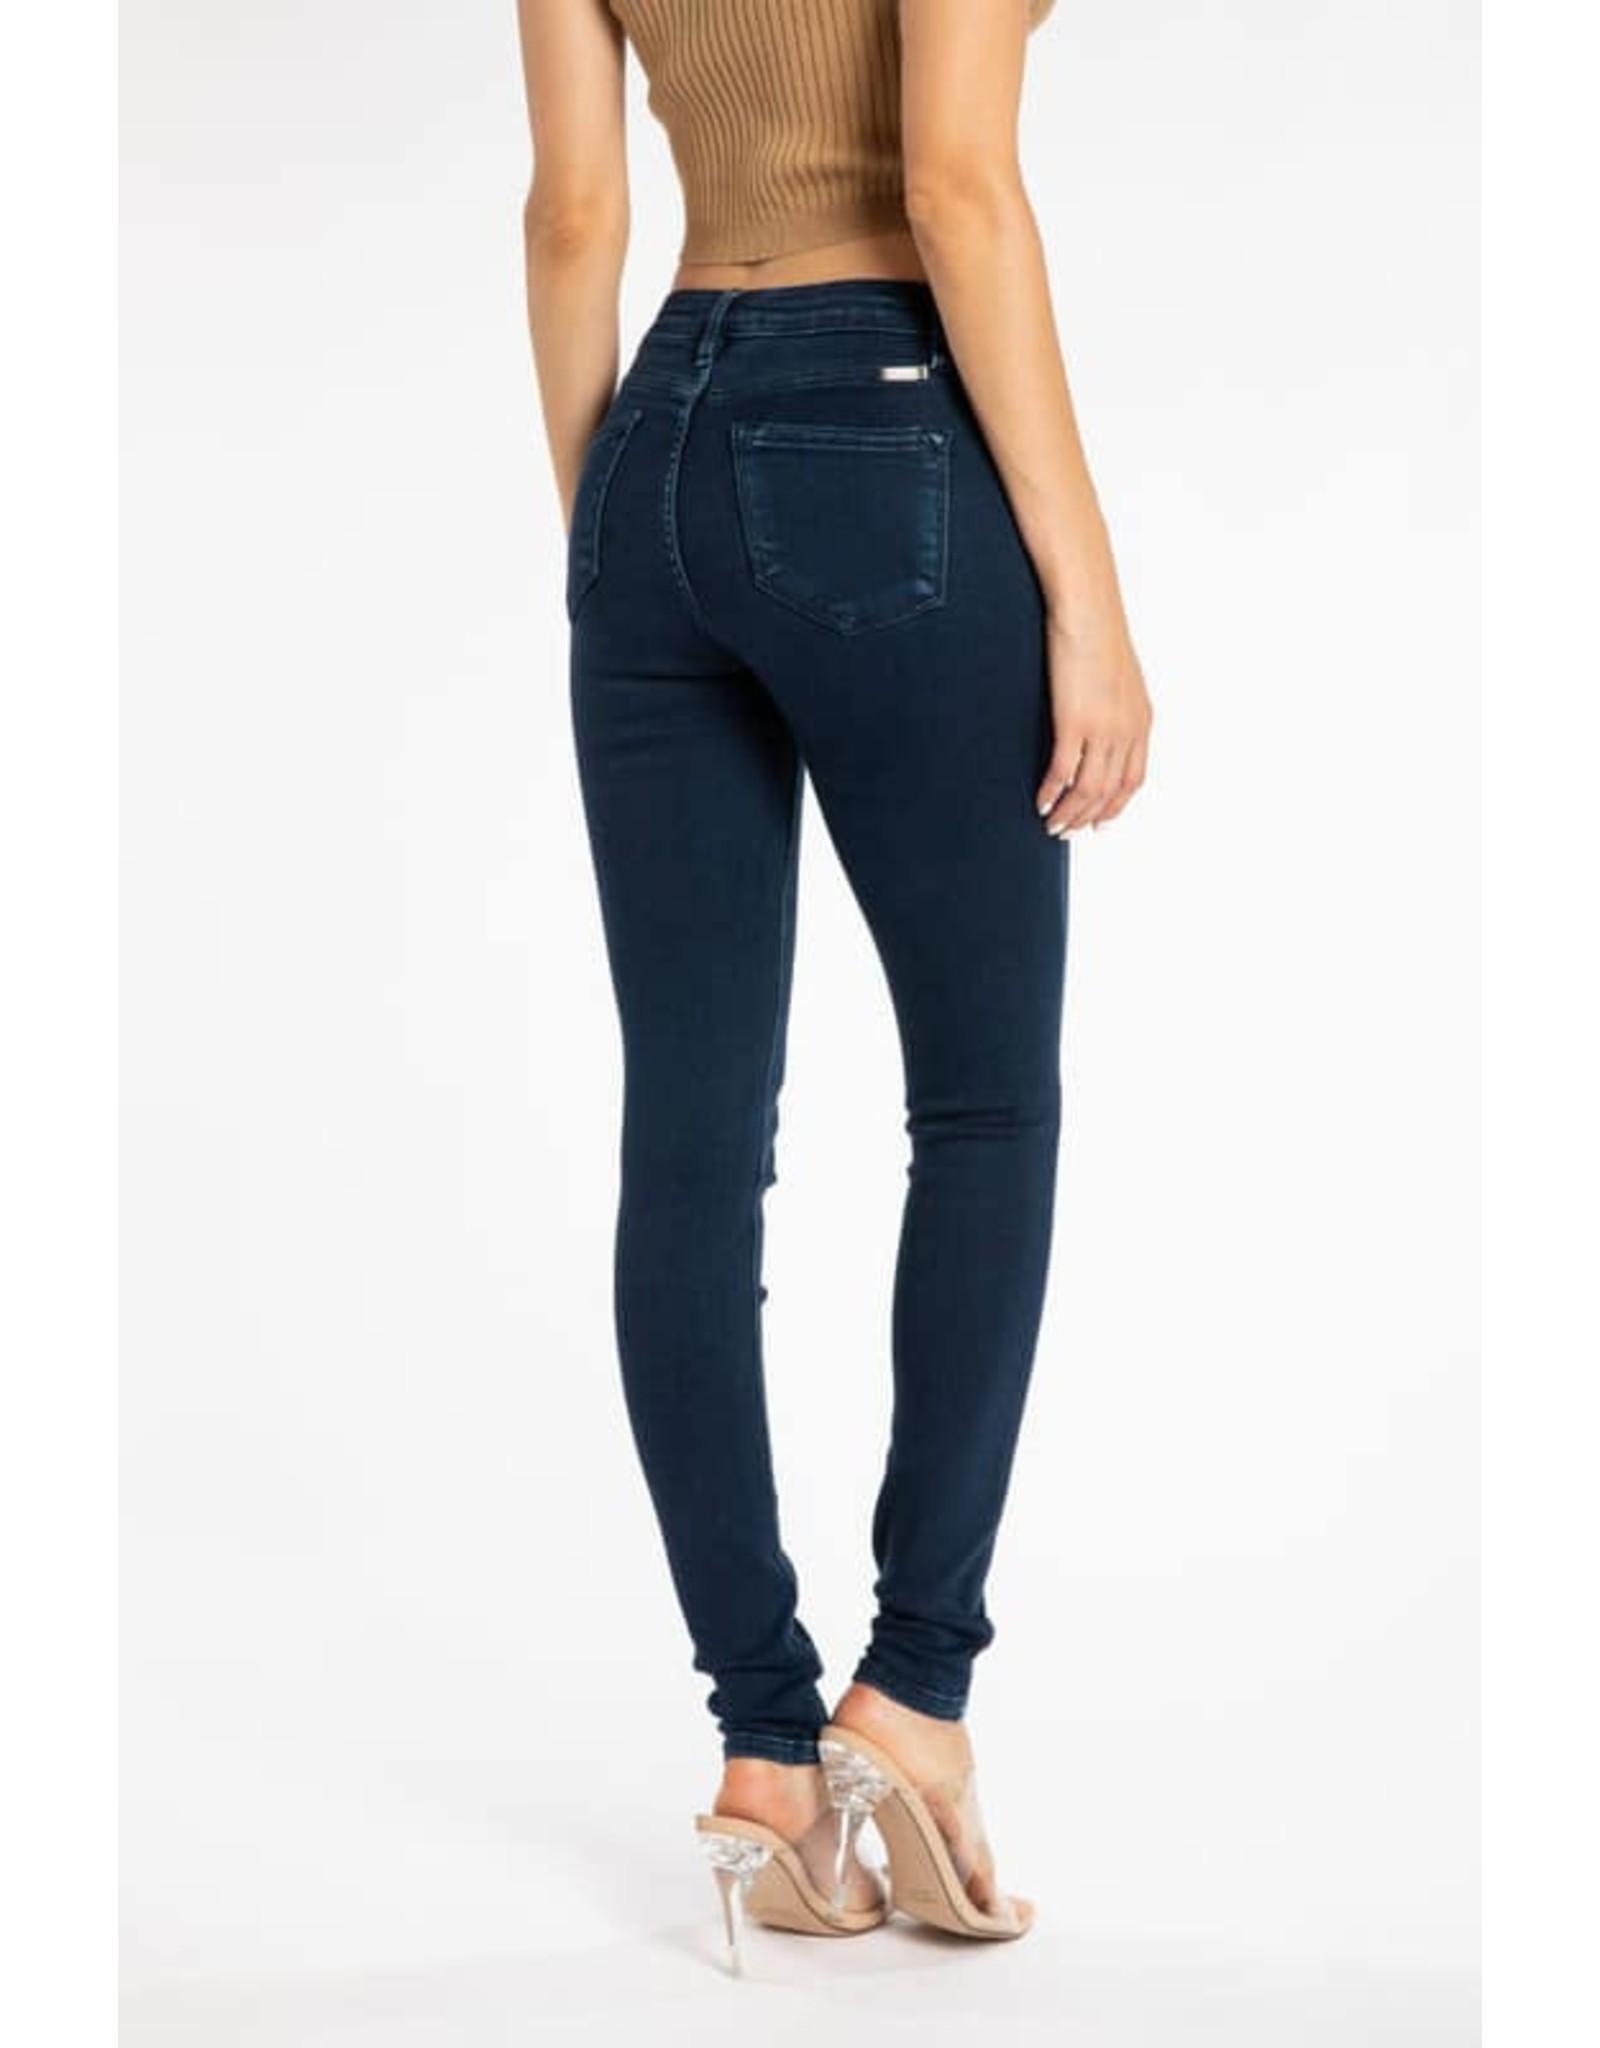 Gemini Mid-Rise KanCan Jeans